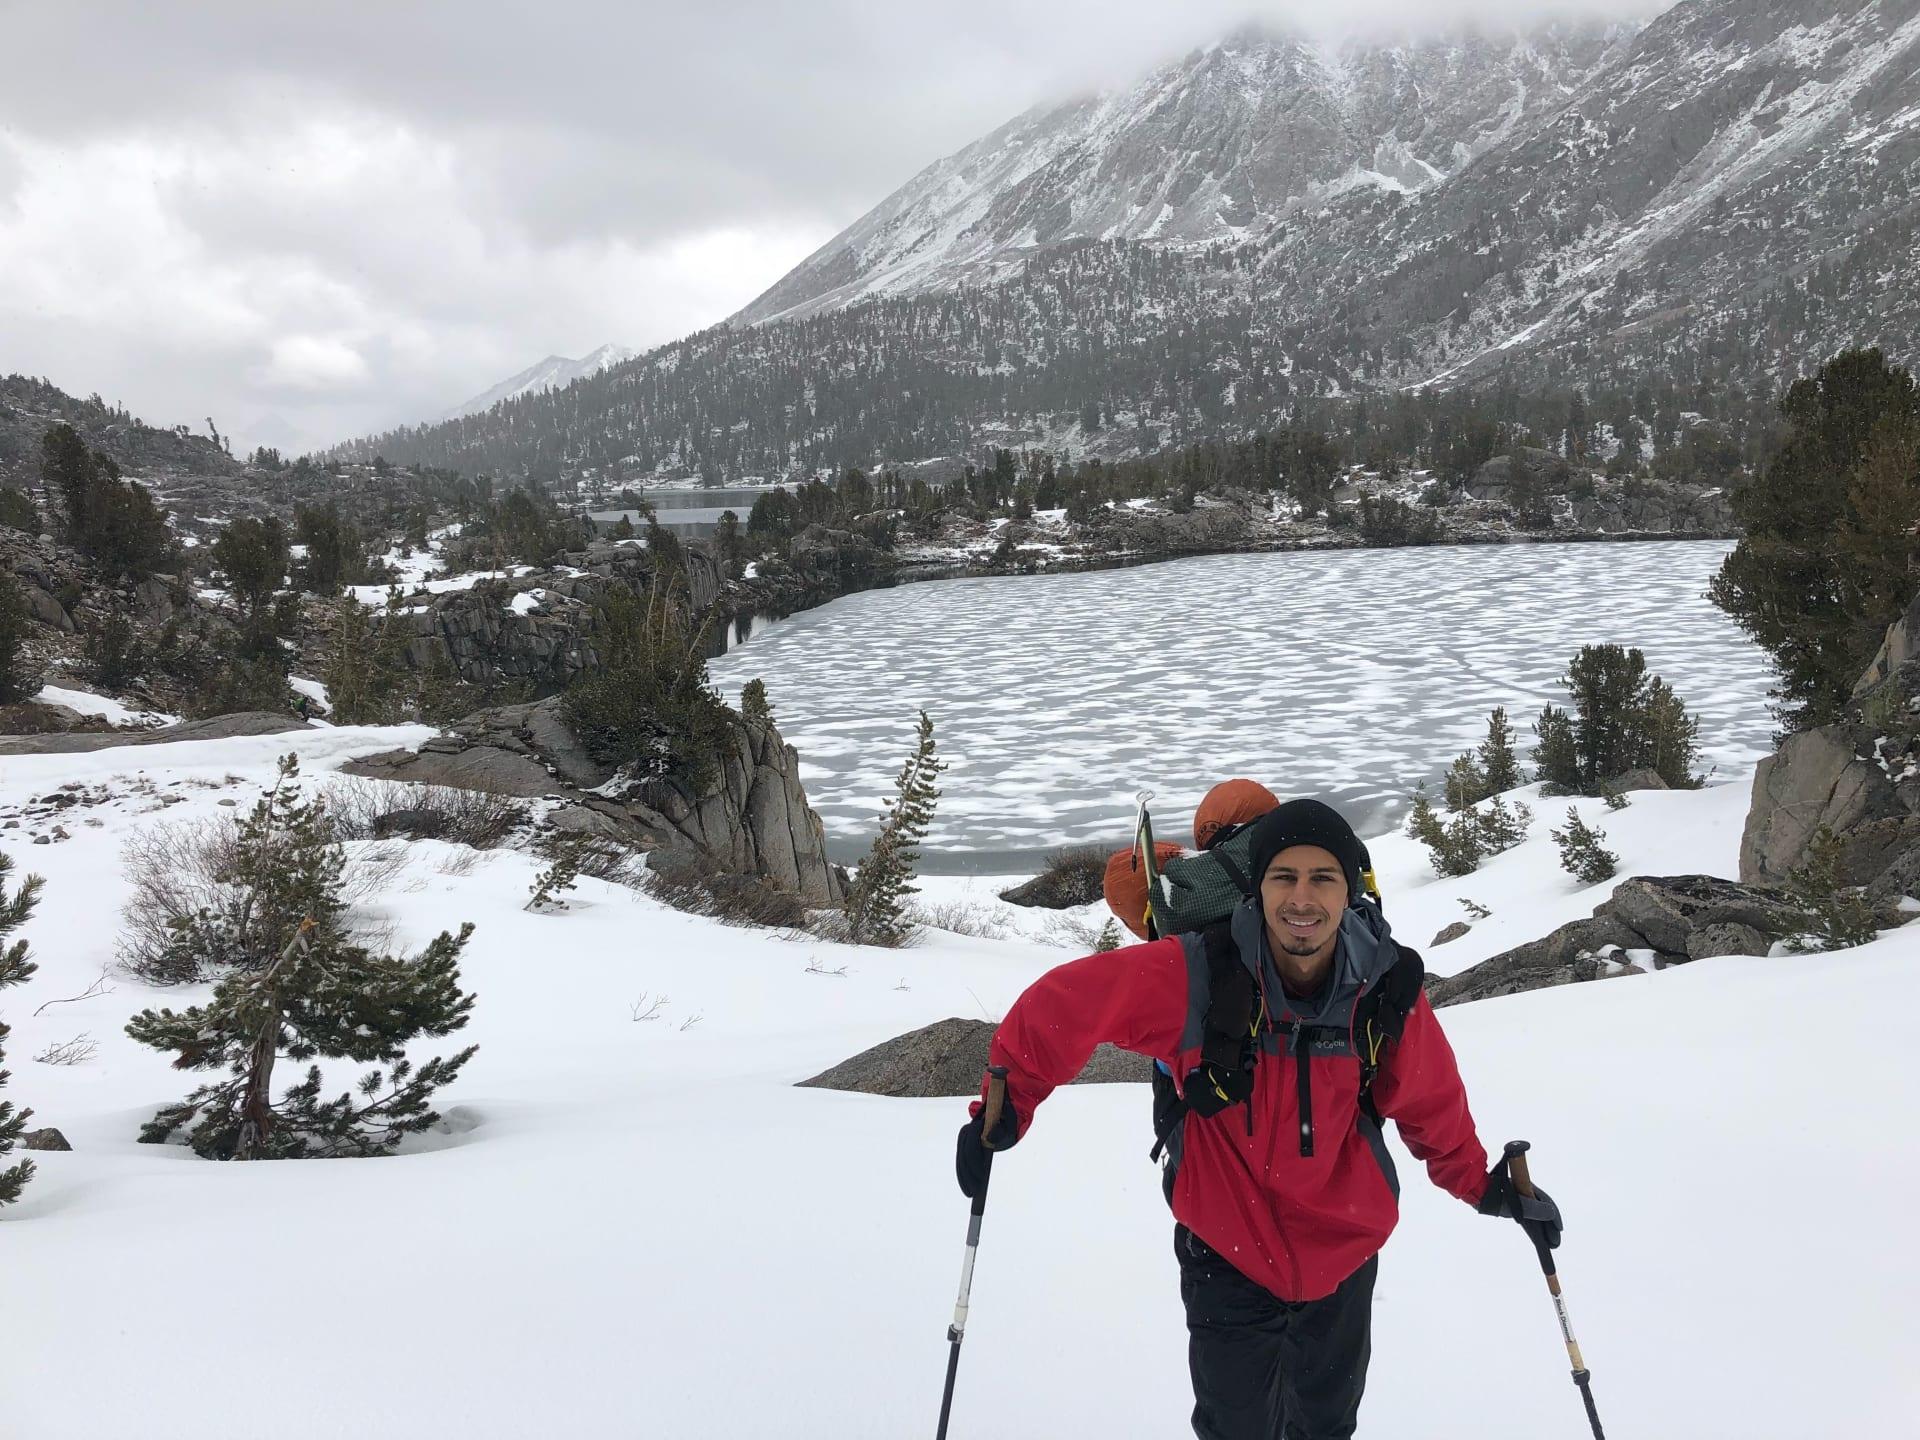 سعودي يمشي 4 آلاف كيلومتر من المكسيك إلى كندا